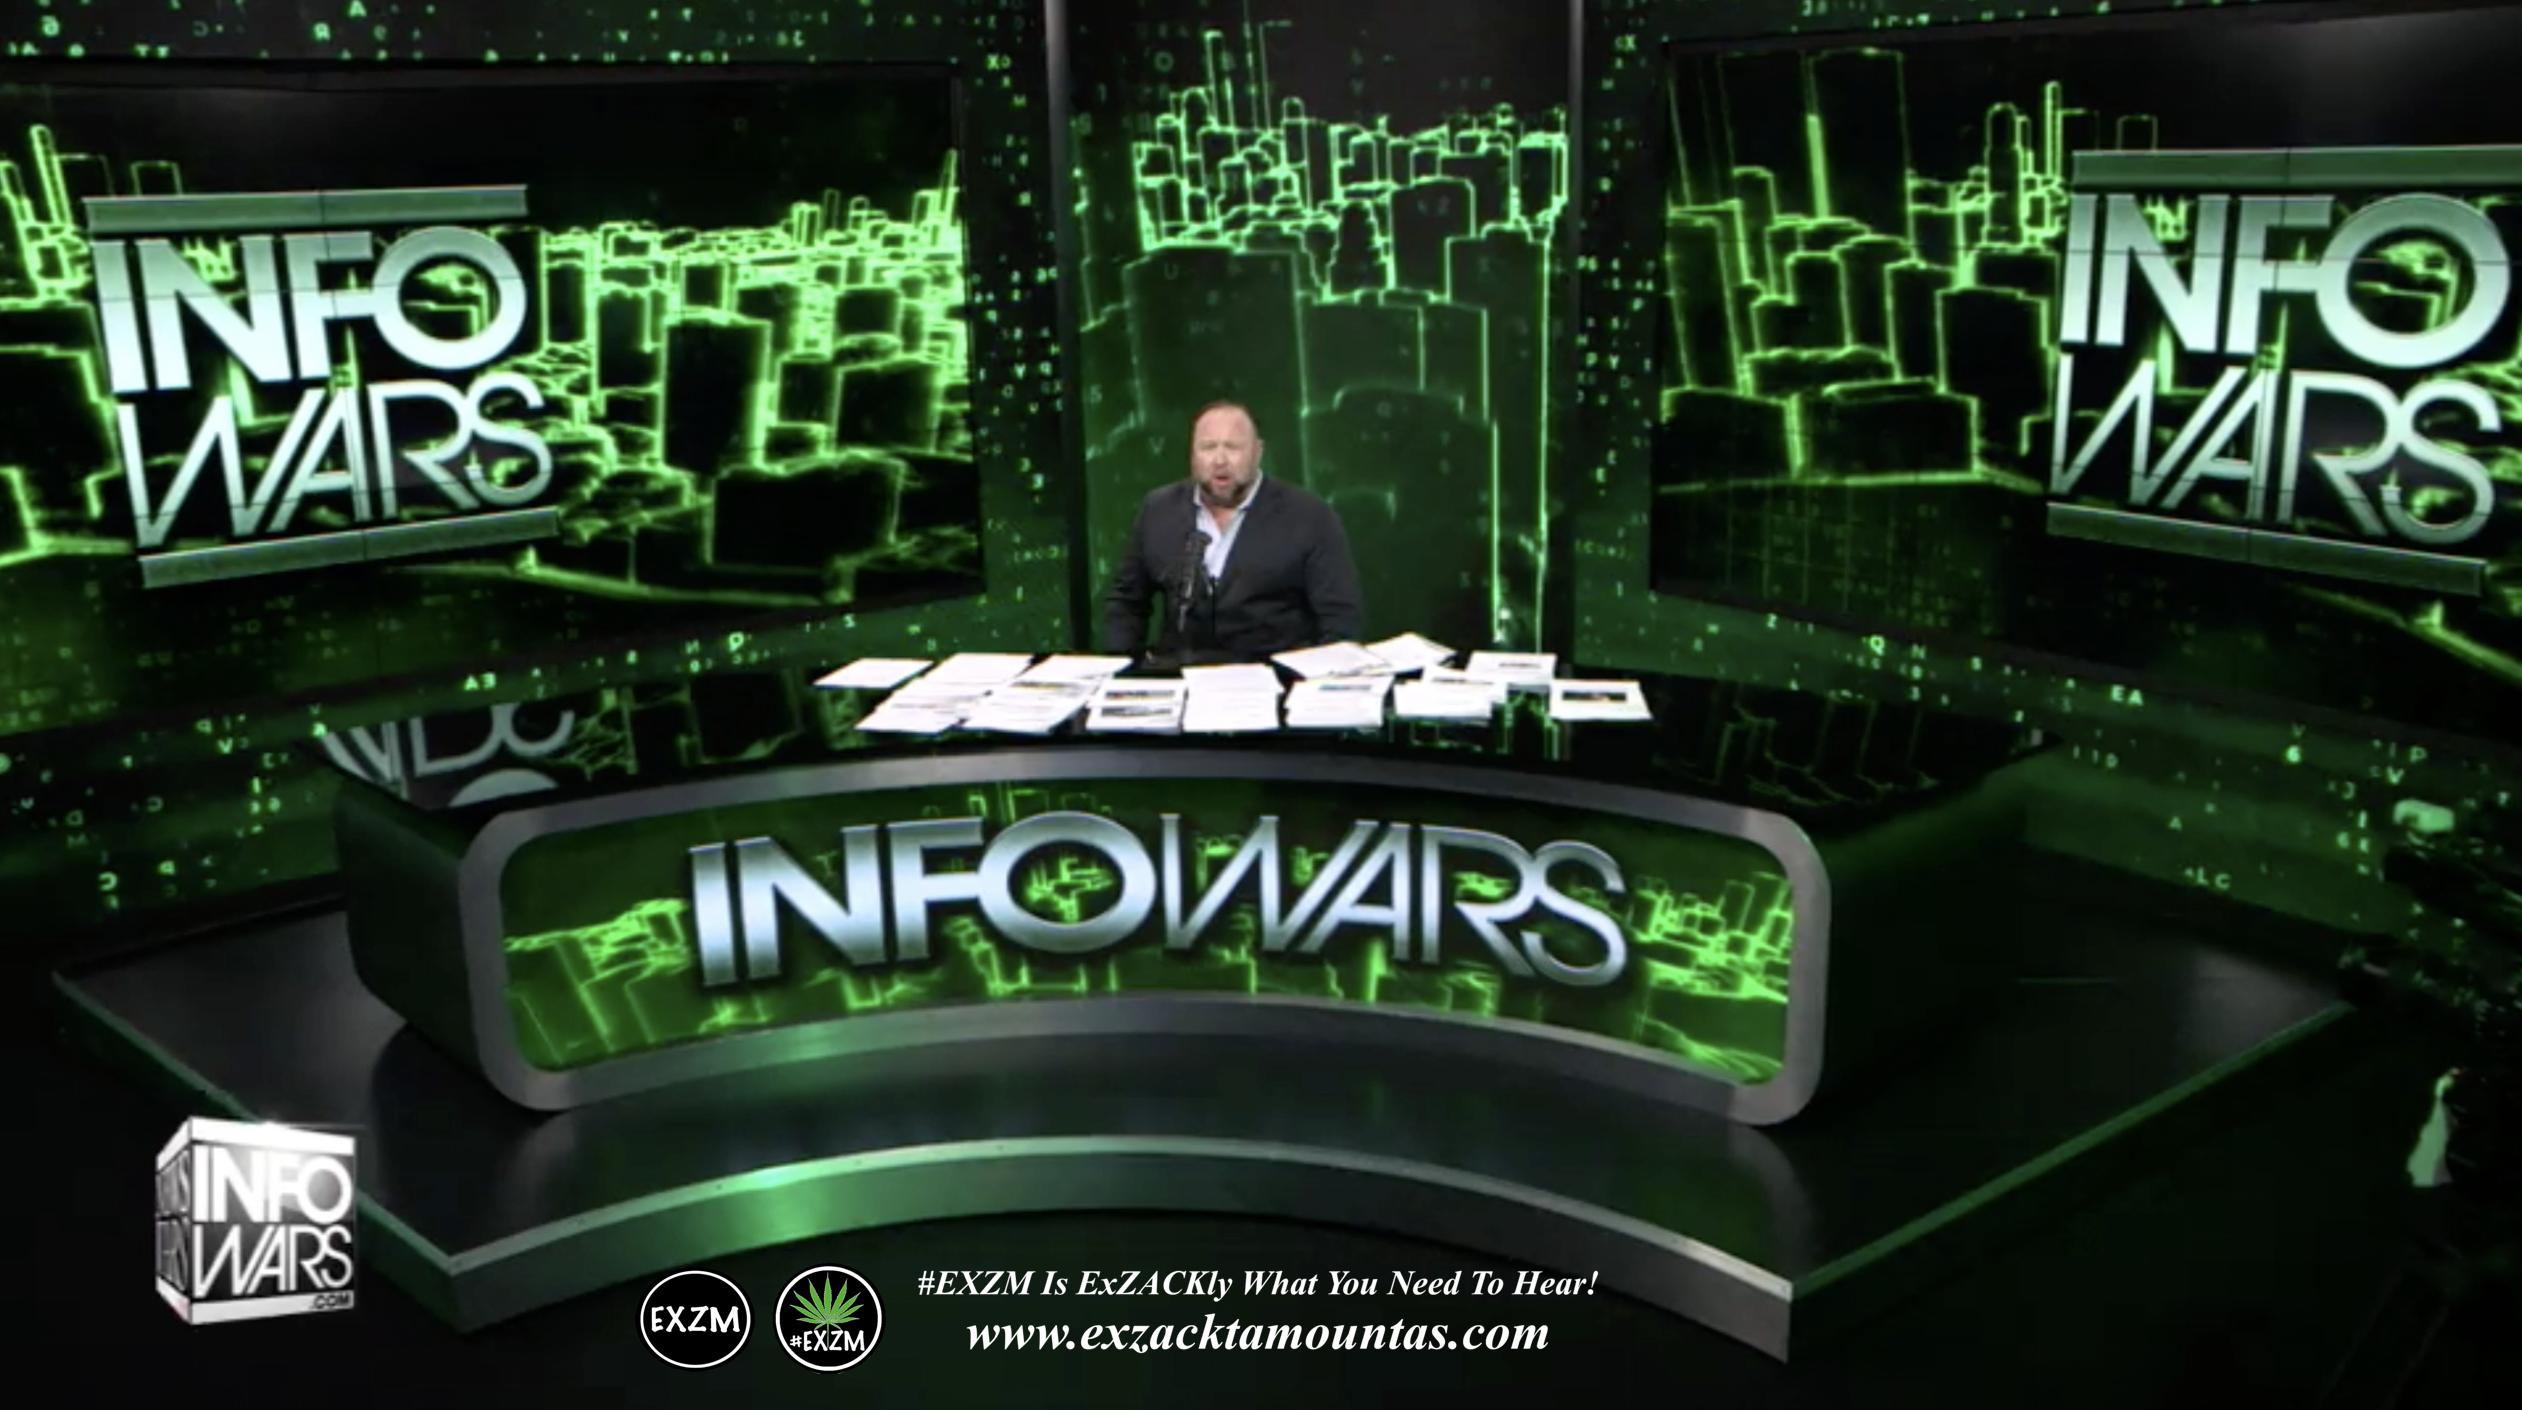 Alex Jones Live Infowars Studio EXZM Zack Mount February 22nd 2021 copy